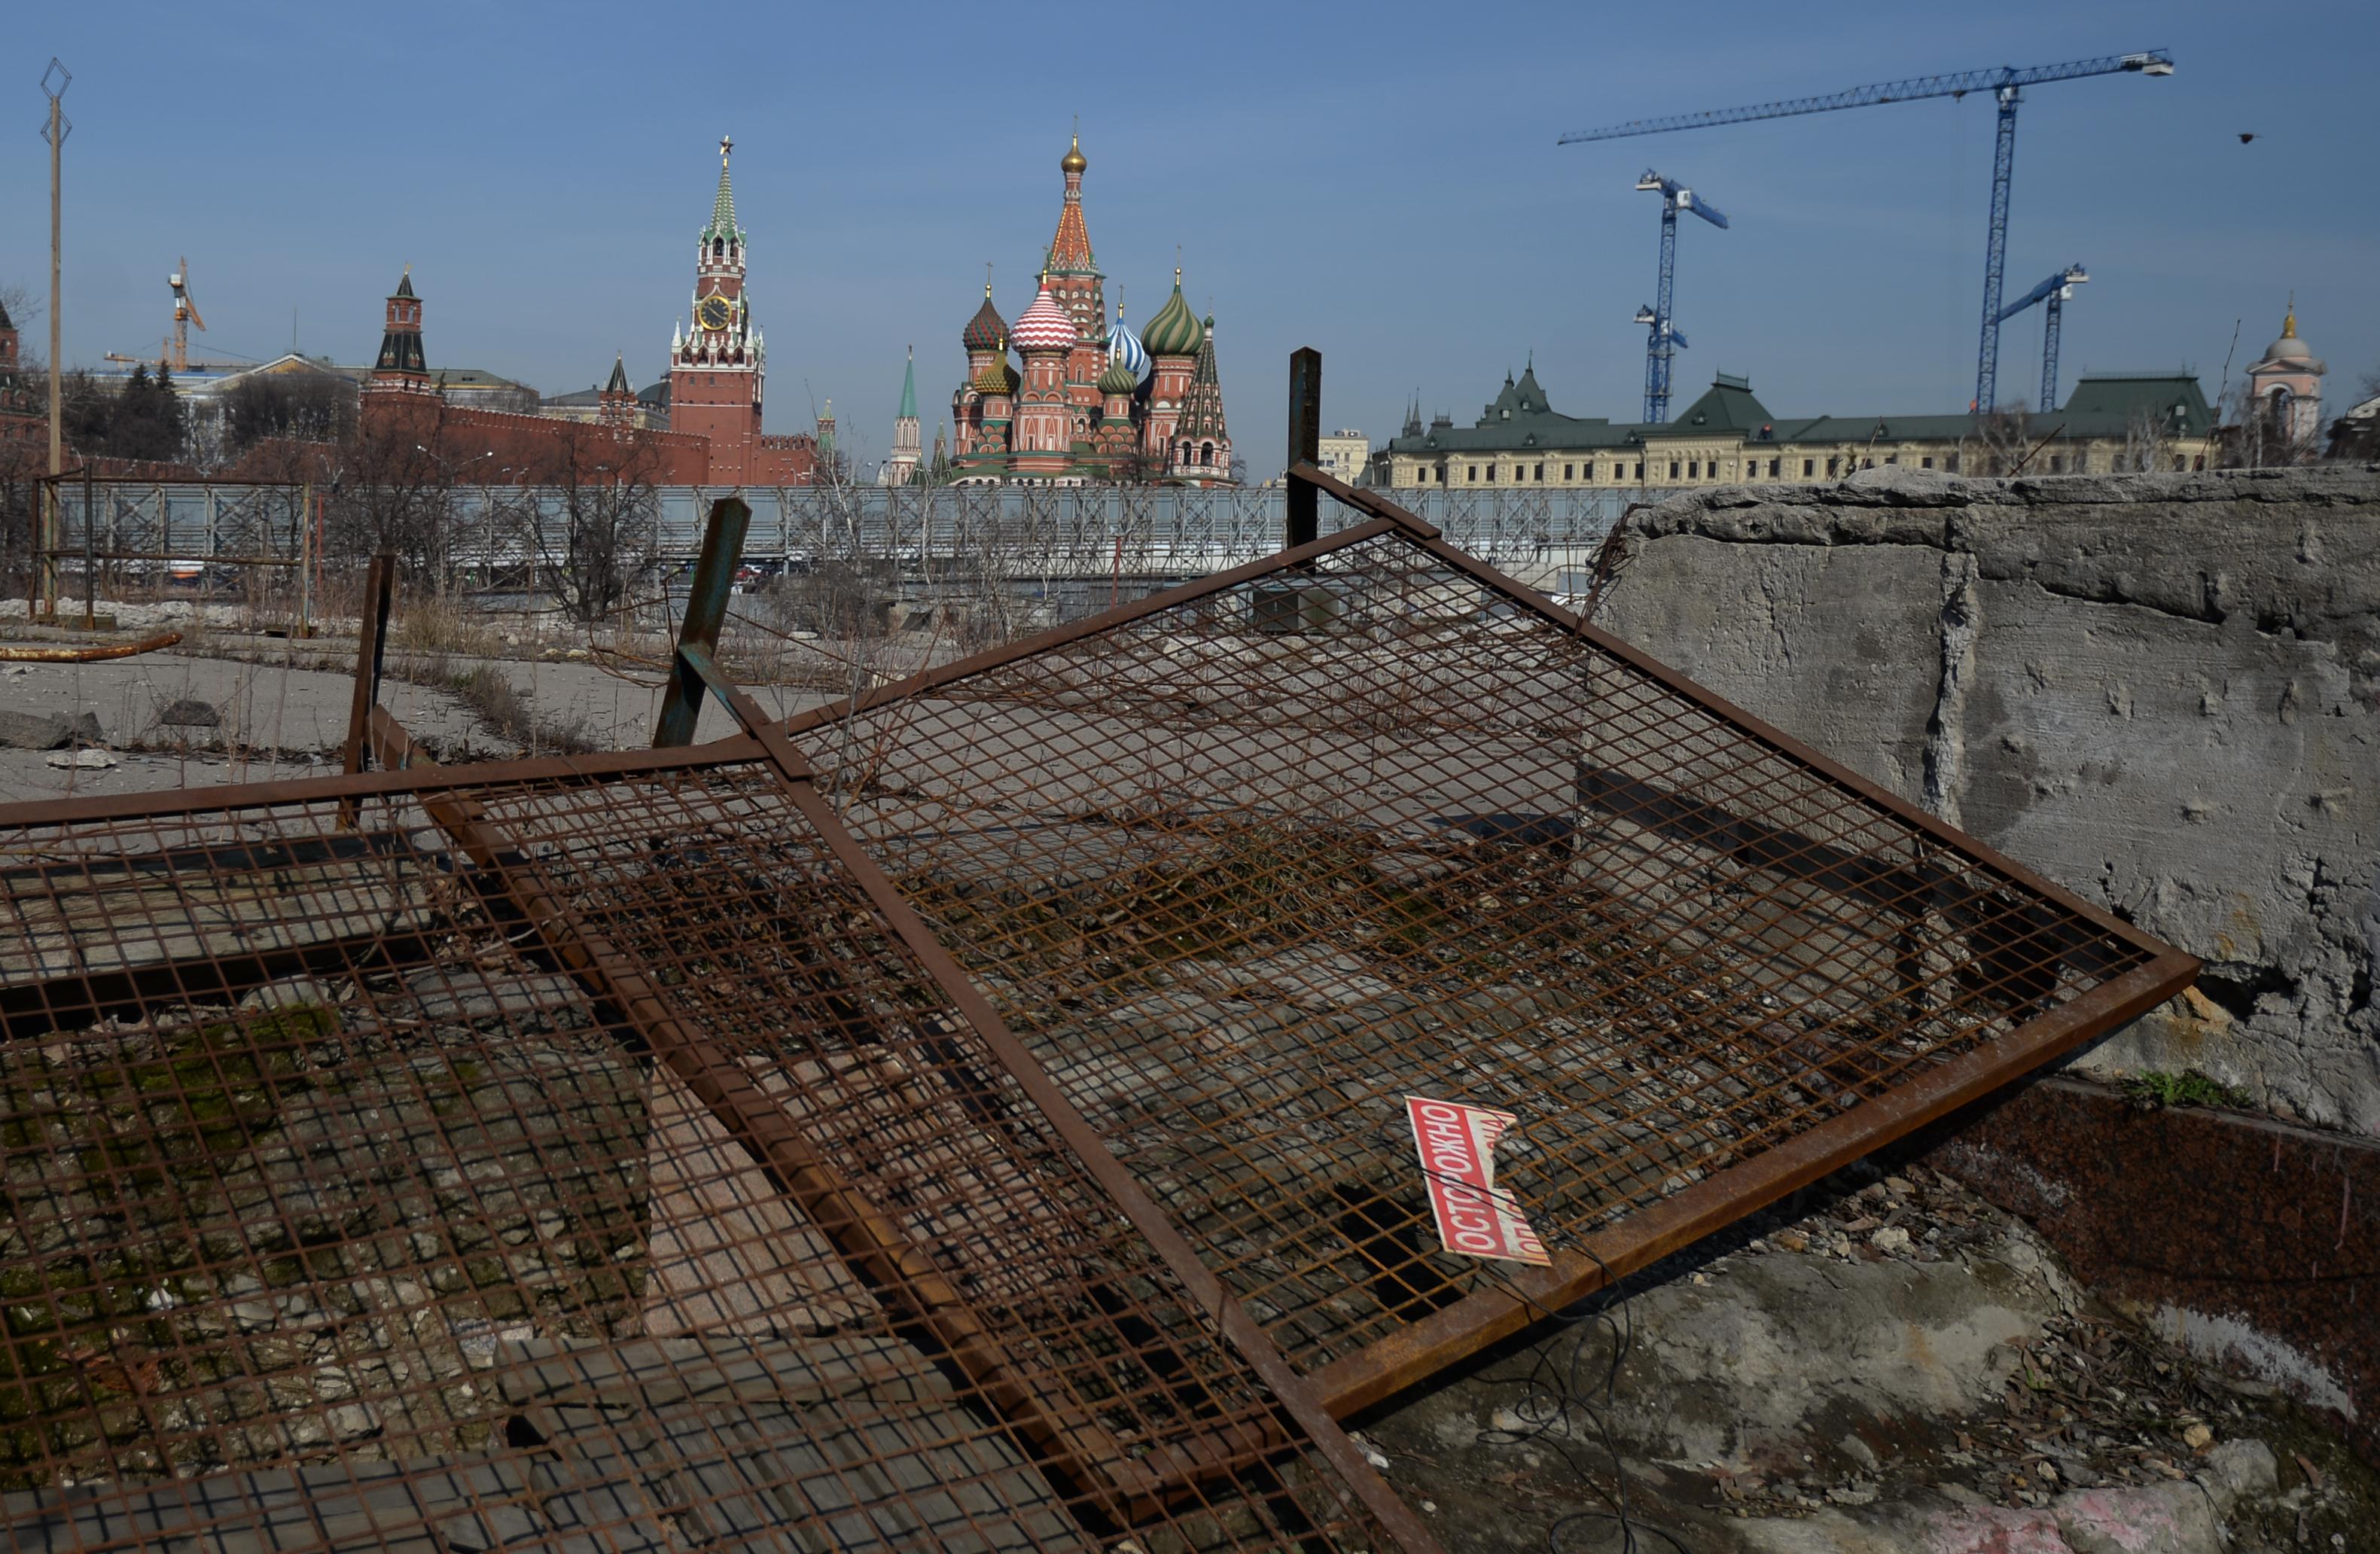 Было. Фото: Алексей Филиппов/РИА новости